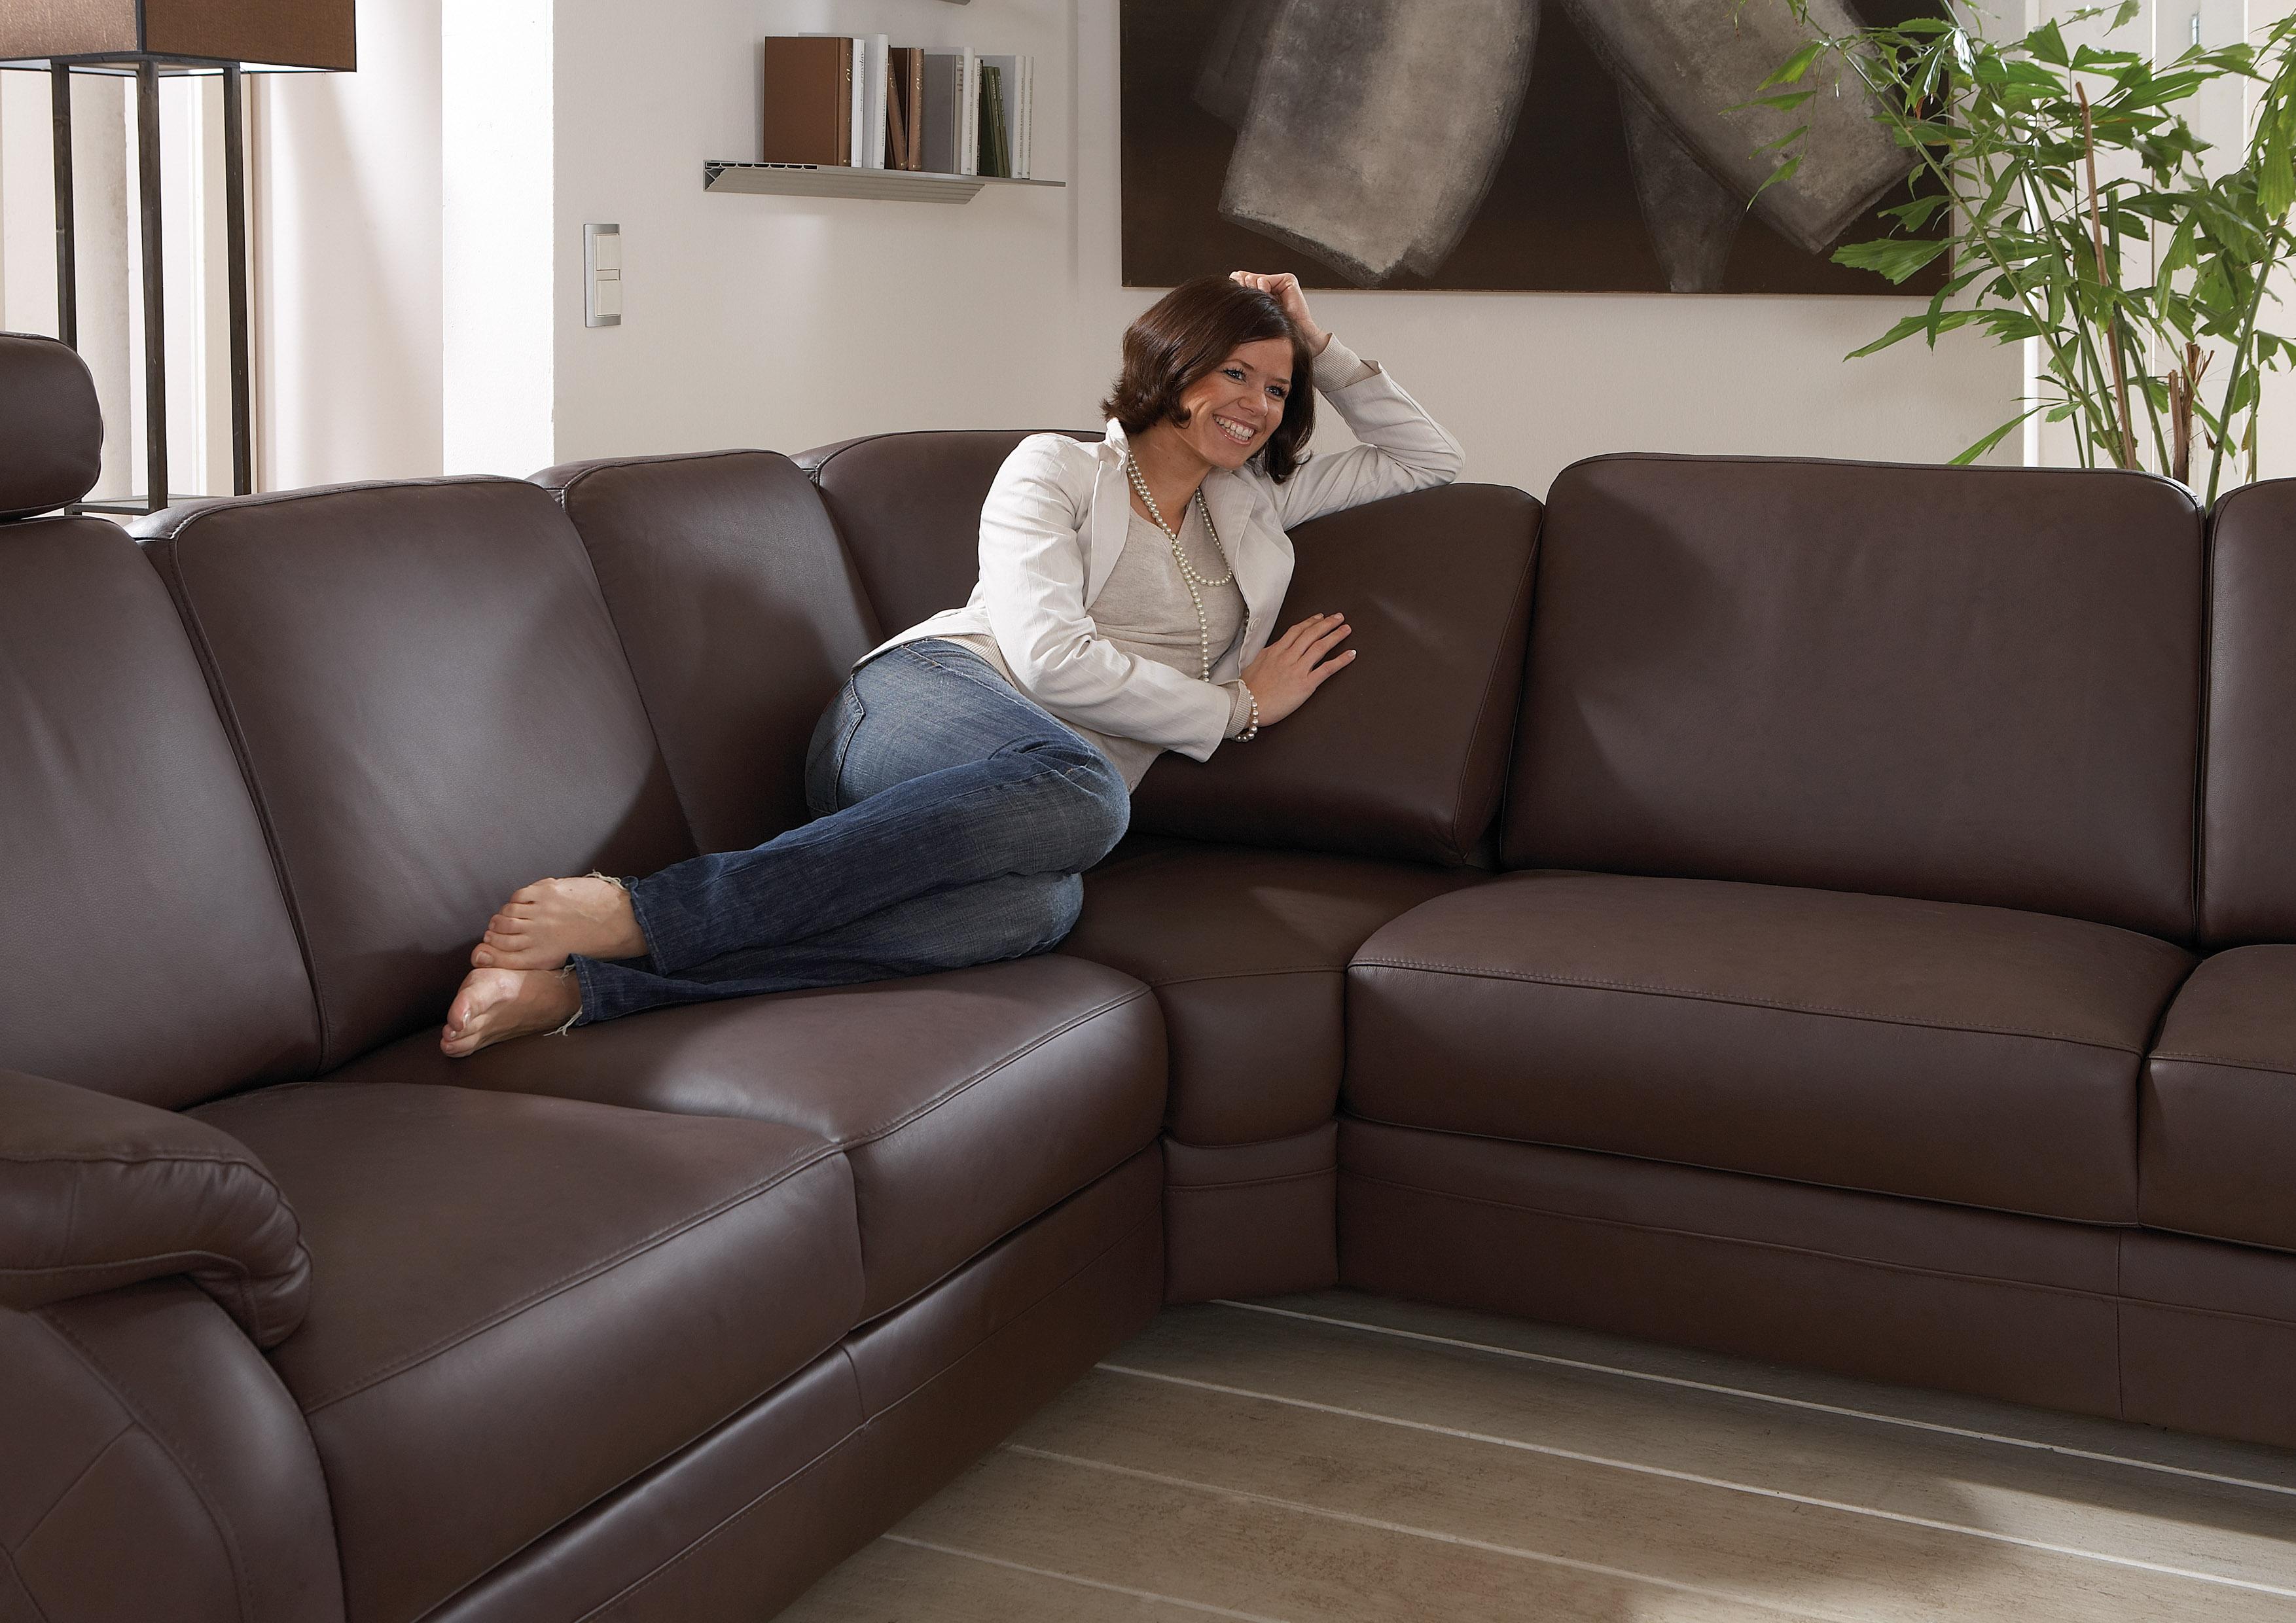 polinova tavira l wohnlandschaft braun m bel letz ihr. Black Bedroom Furniture Sets. Home Design Ideas